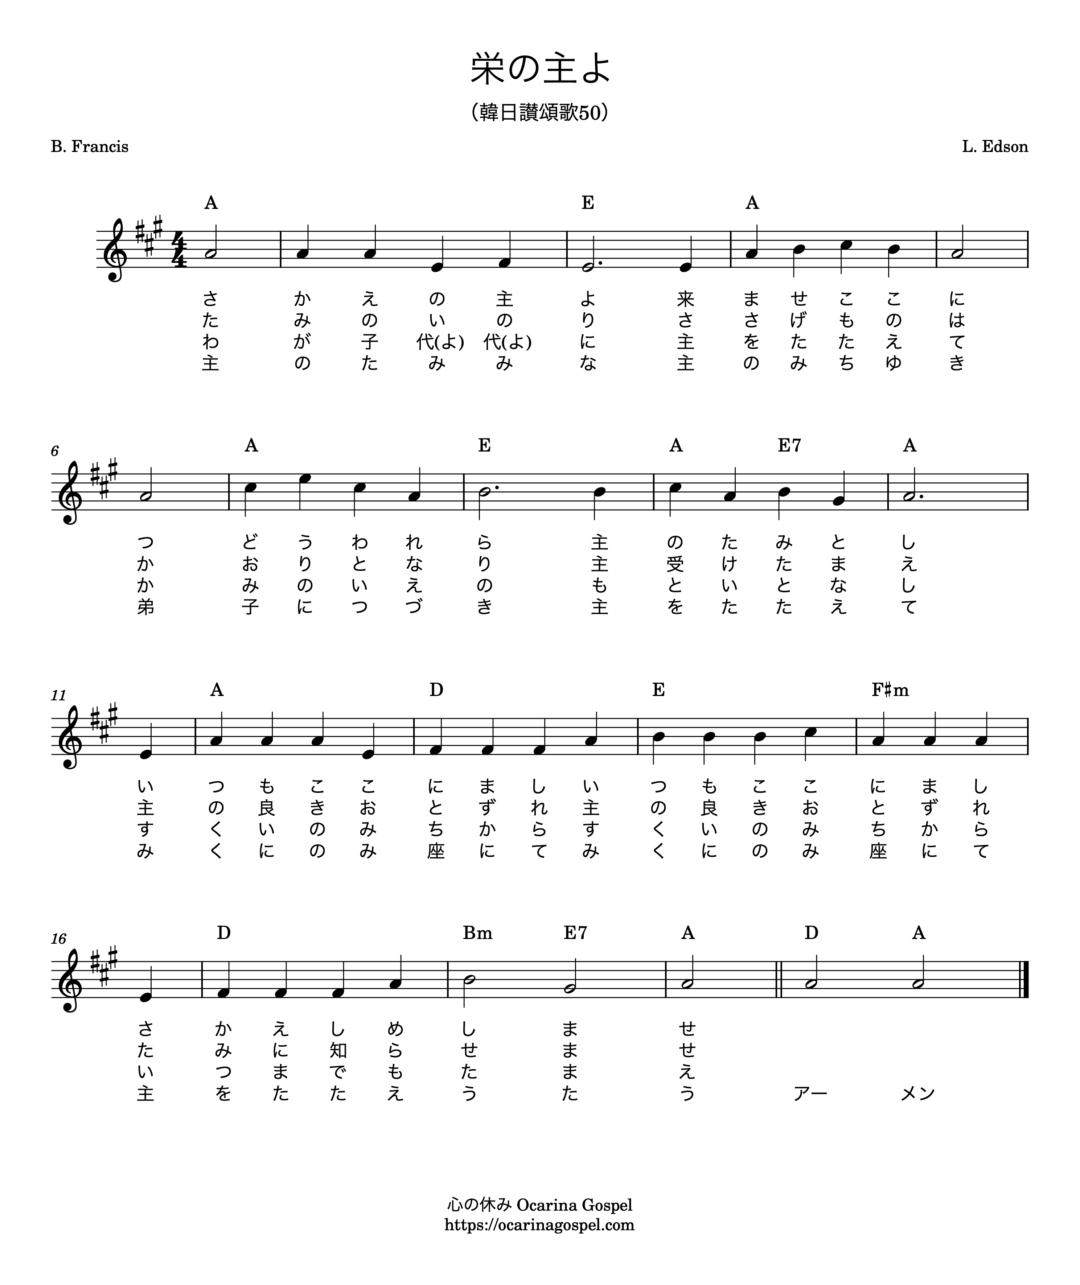 栄えの主よ讃美 楽譜